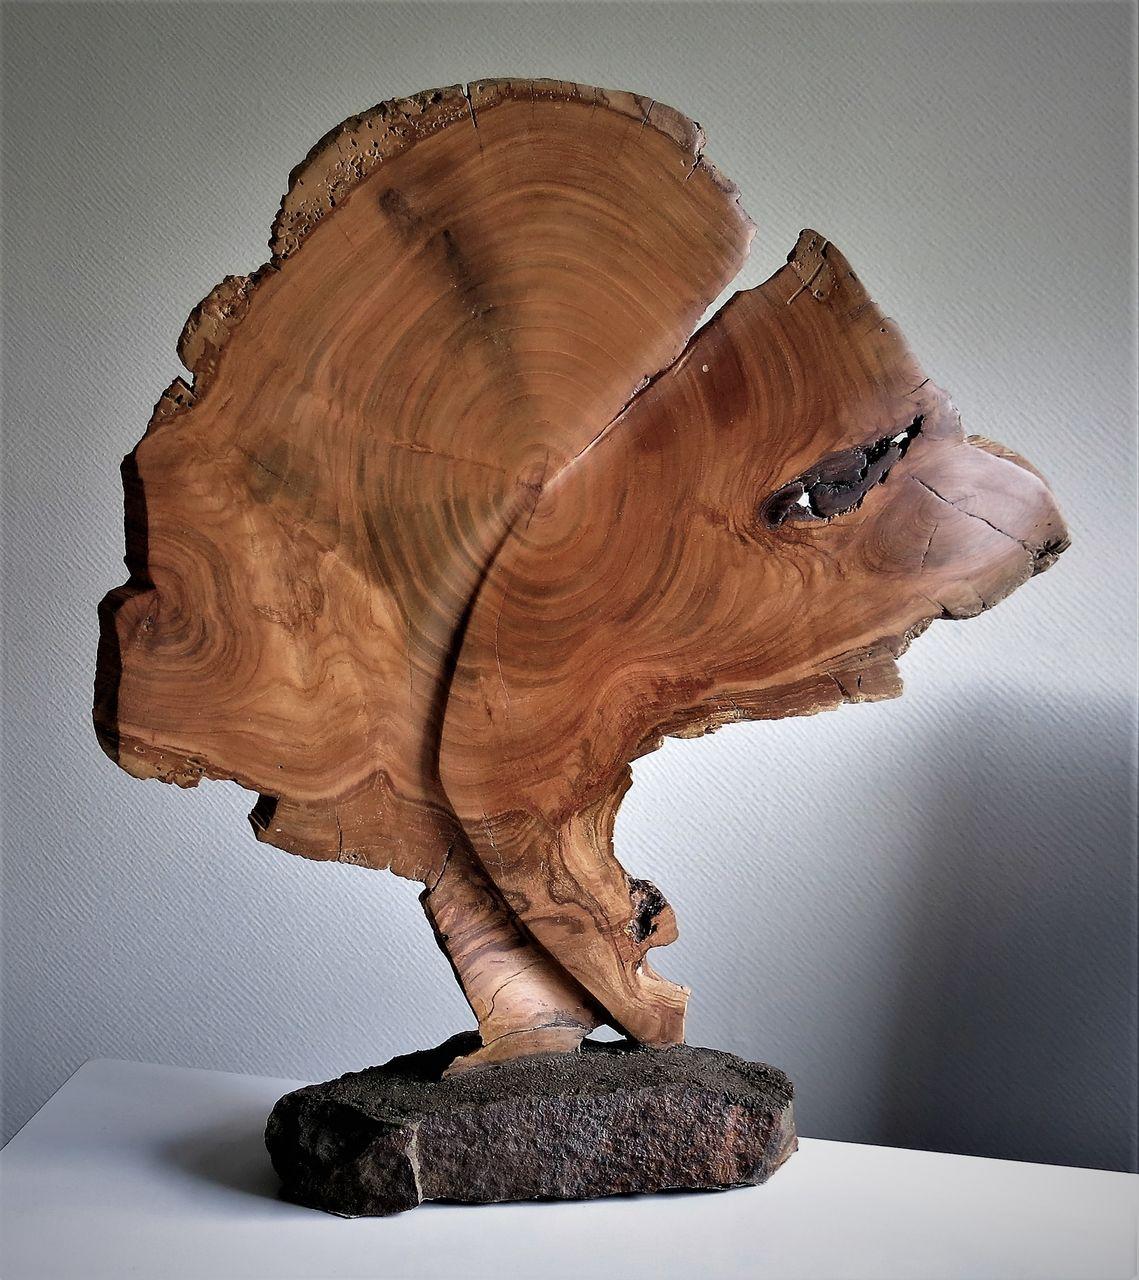 Lebensbaum - Baum, Sockel, Äste, Skulptur von Katzenwerker bei KunstNet